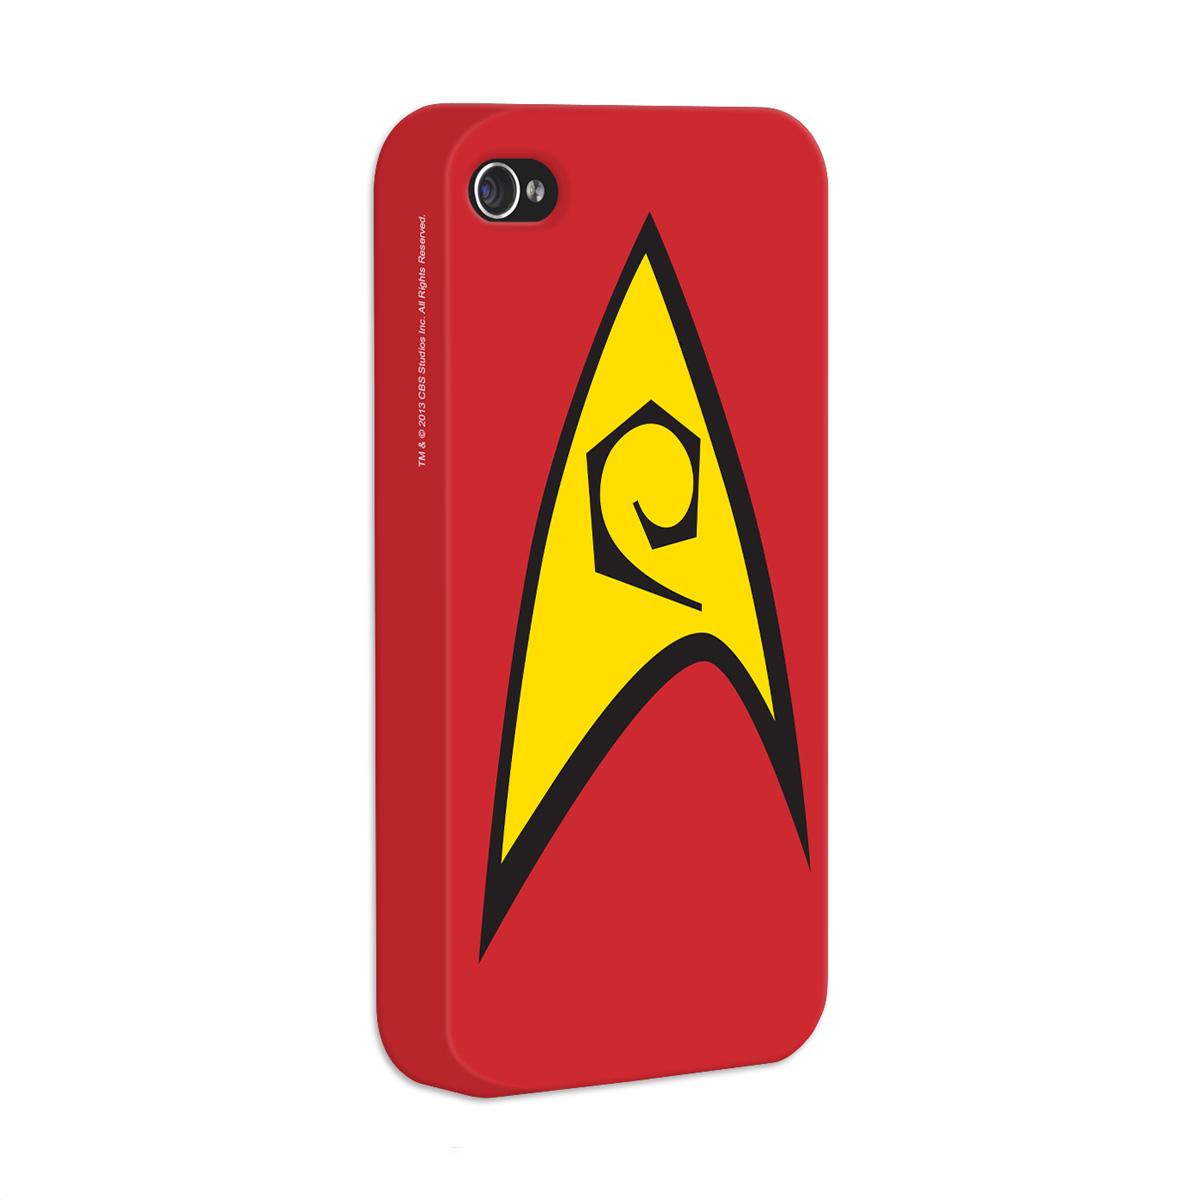 Capa de iPhone 4/4s Star Trek Command Red